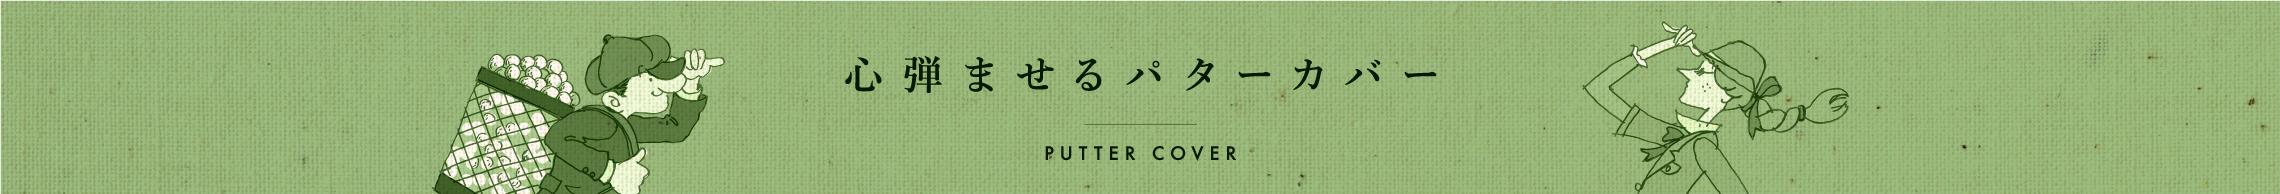 心弾ませるパターカバー PUTTER COVER